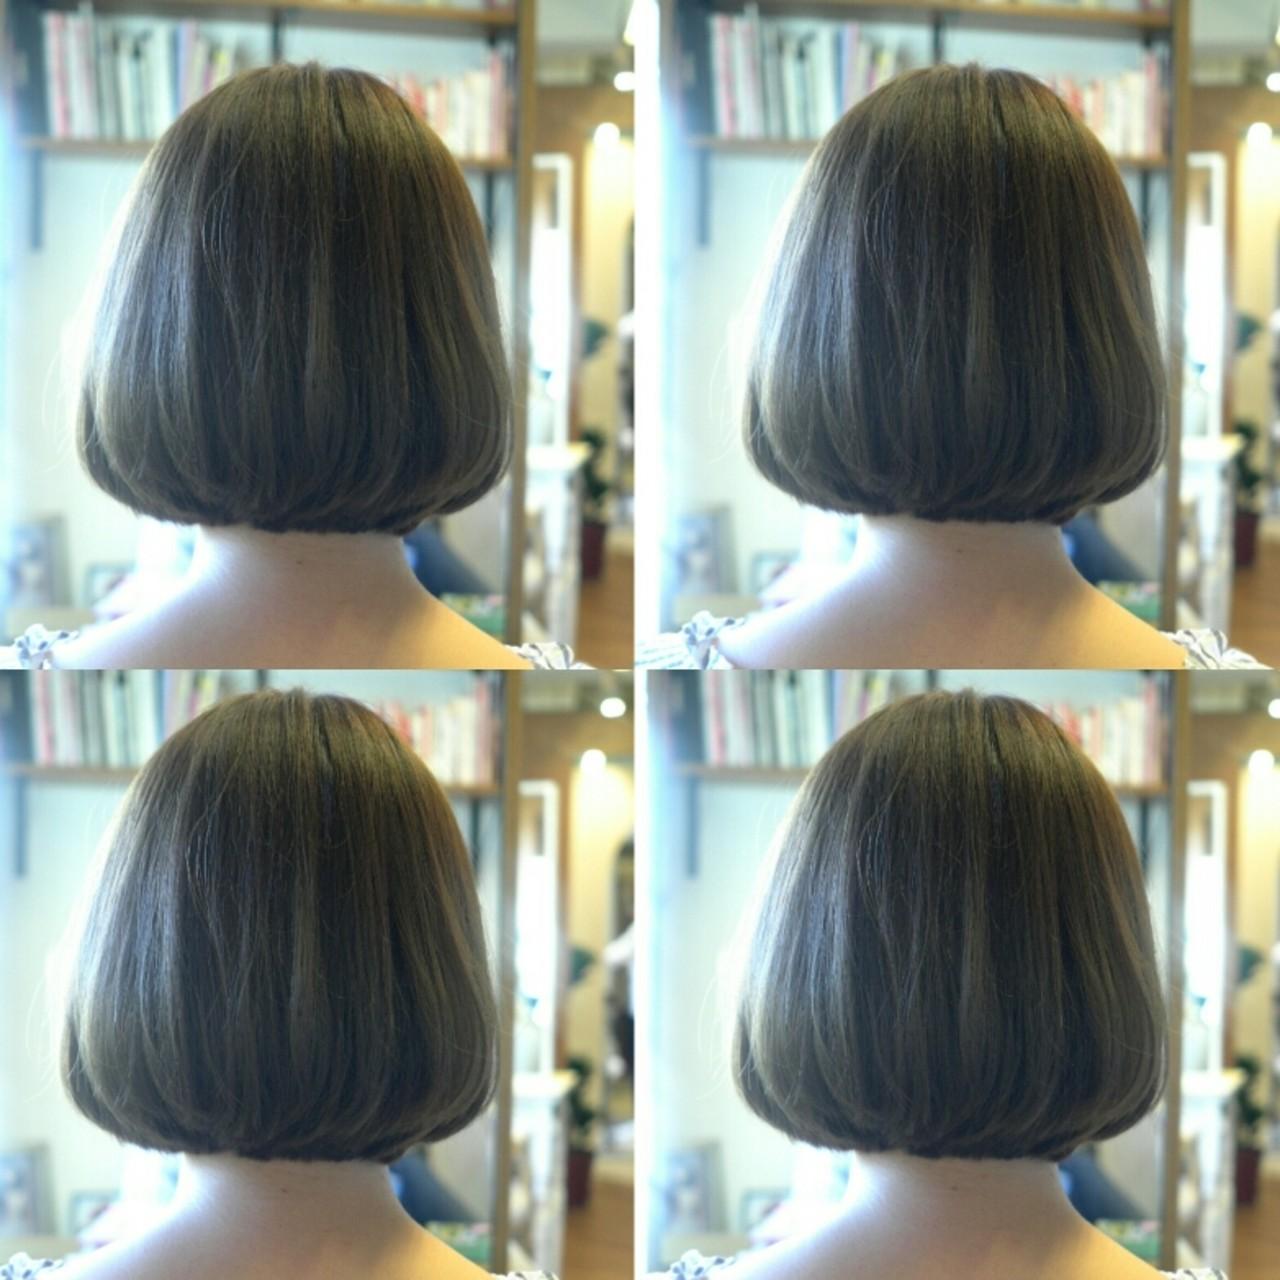 イルミナカラー ナチュラル 暗髪 色気 ヘアスタイルや髪型の写真・画像